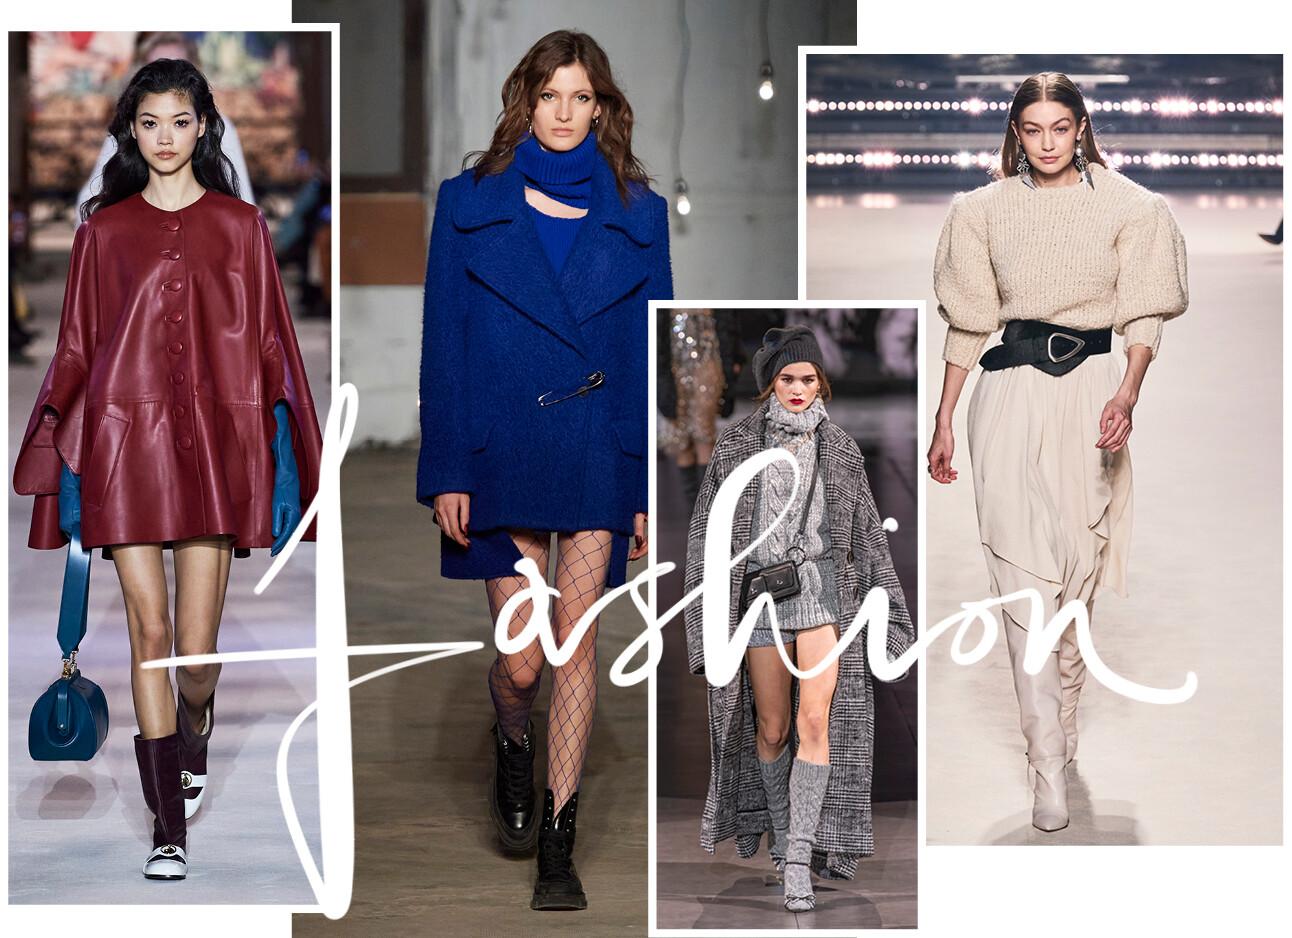 Dé 7 must-shop herfstkleuren van 2020